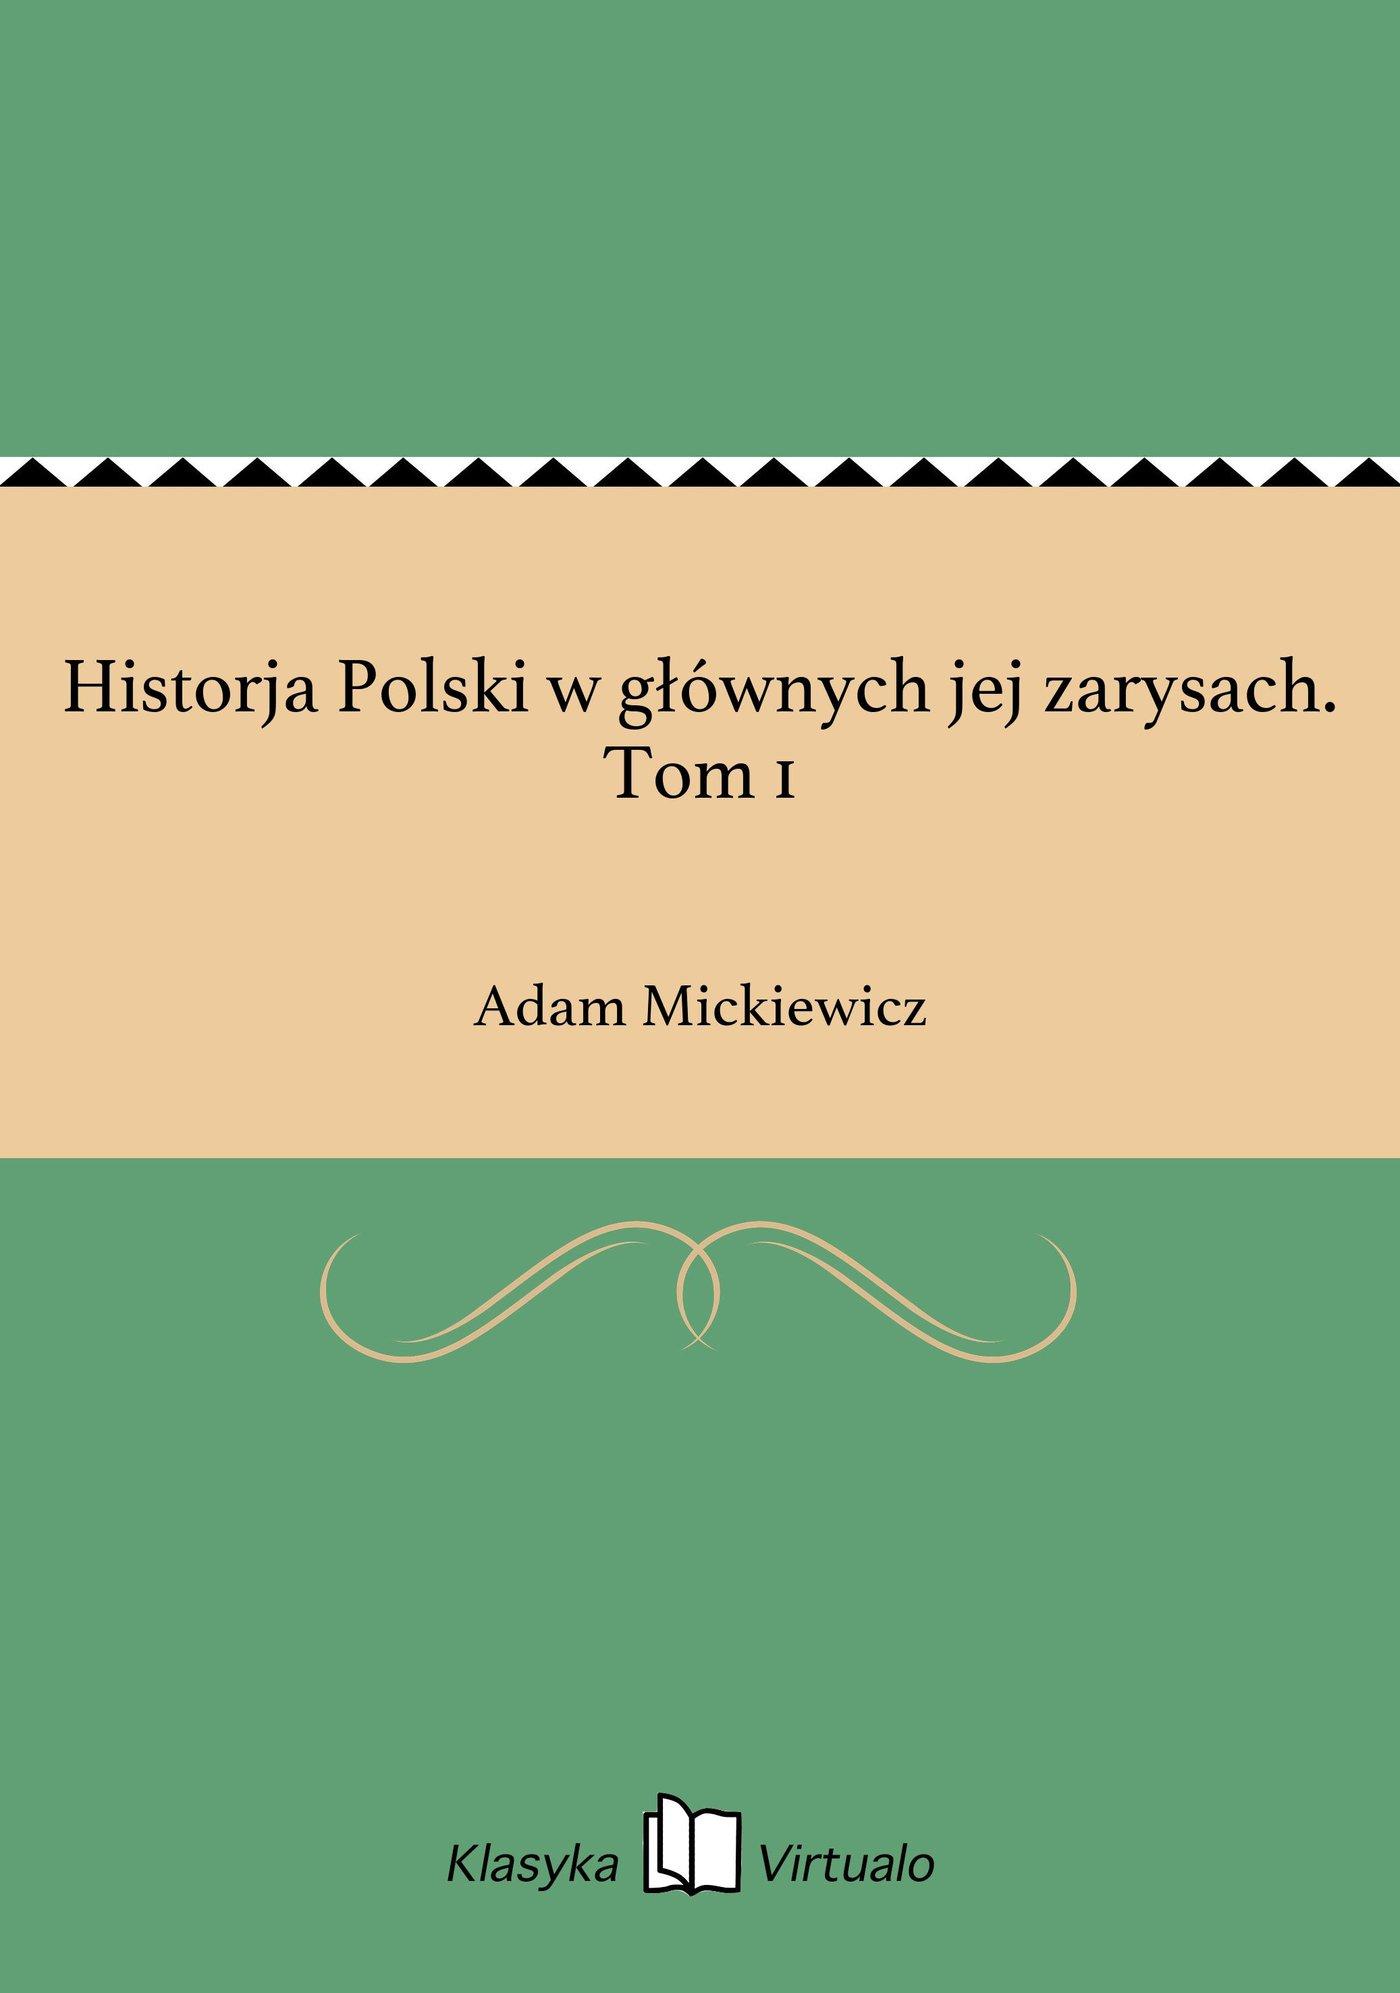 Historja Polski w głównych jej zarysach. Tom 1 - Ebook (Książka EPUB) do pobrania w formacie EPUB